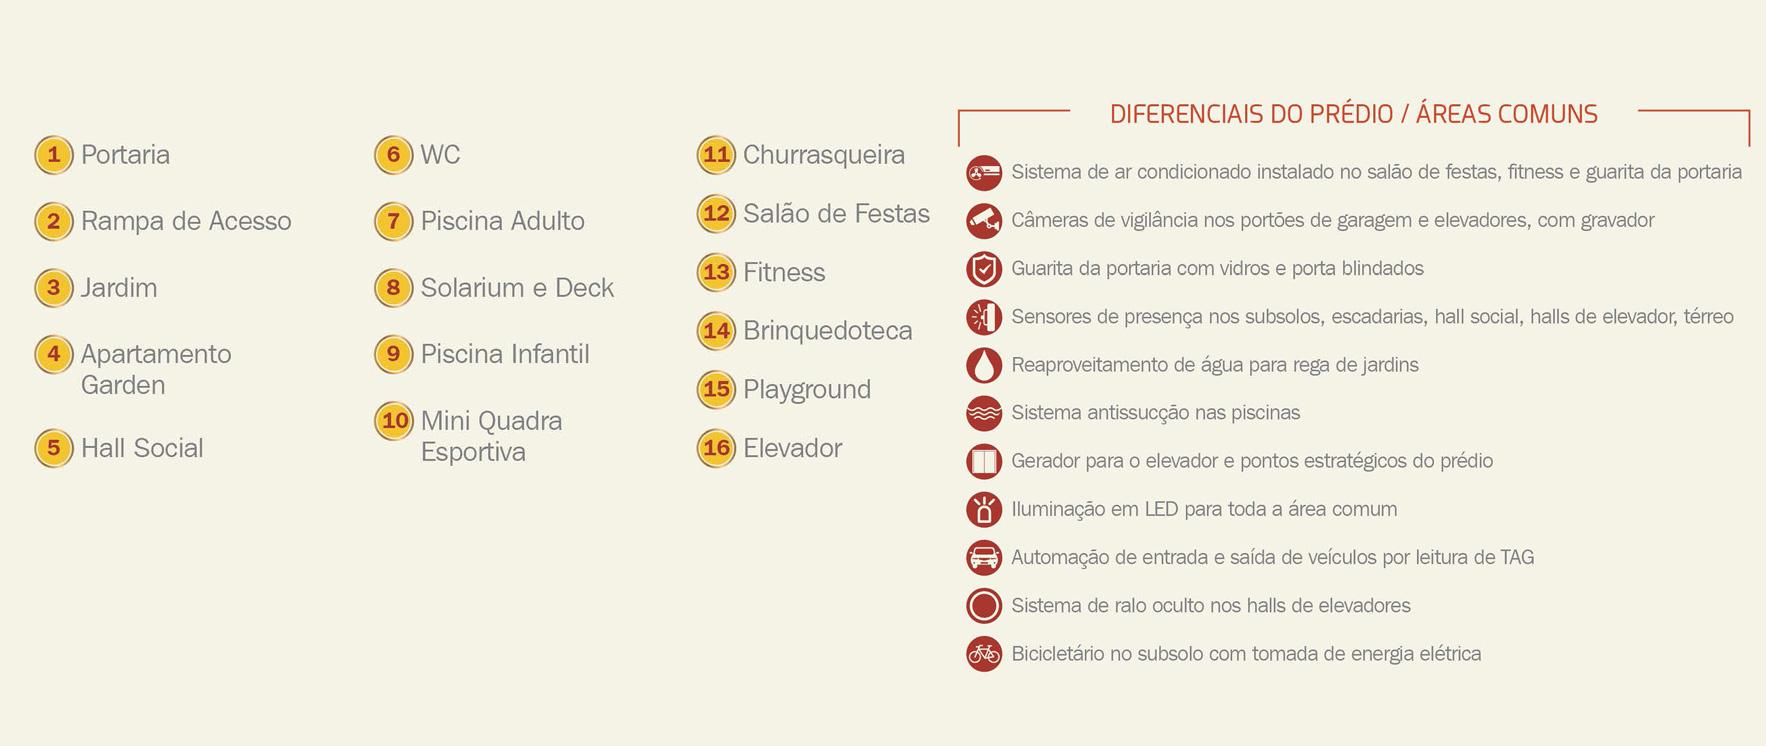 area-comum-valencia003